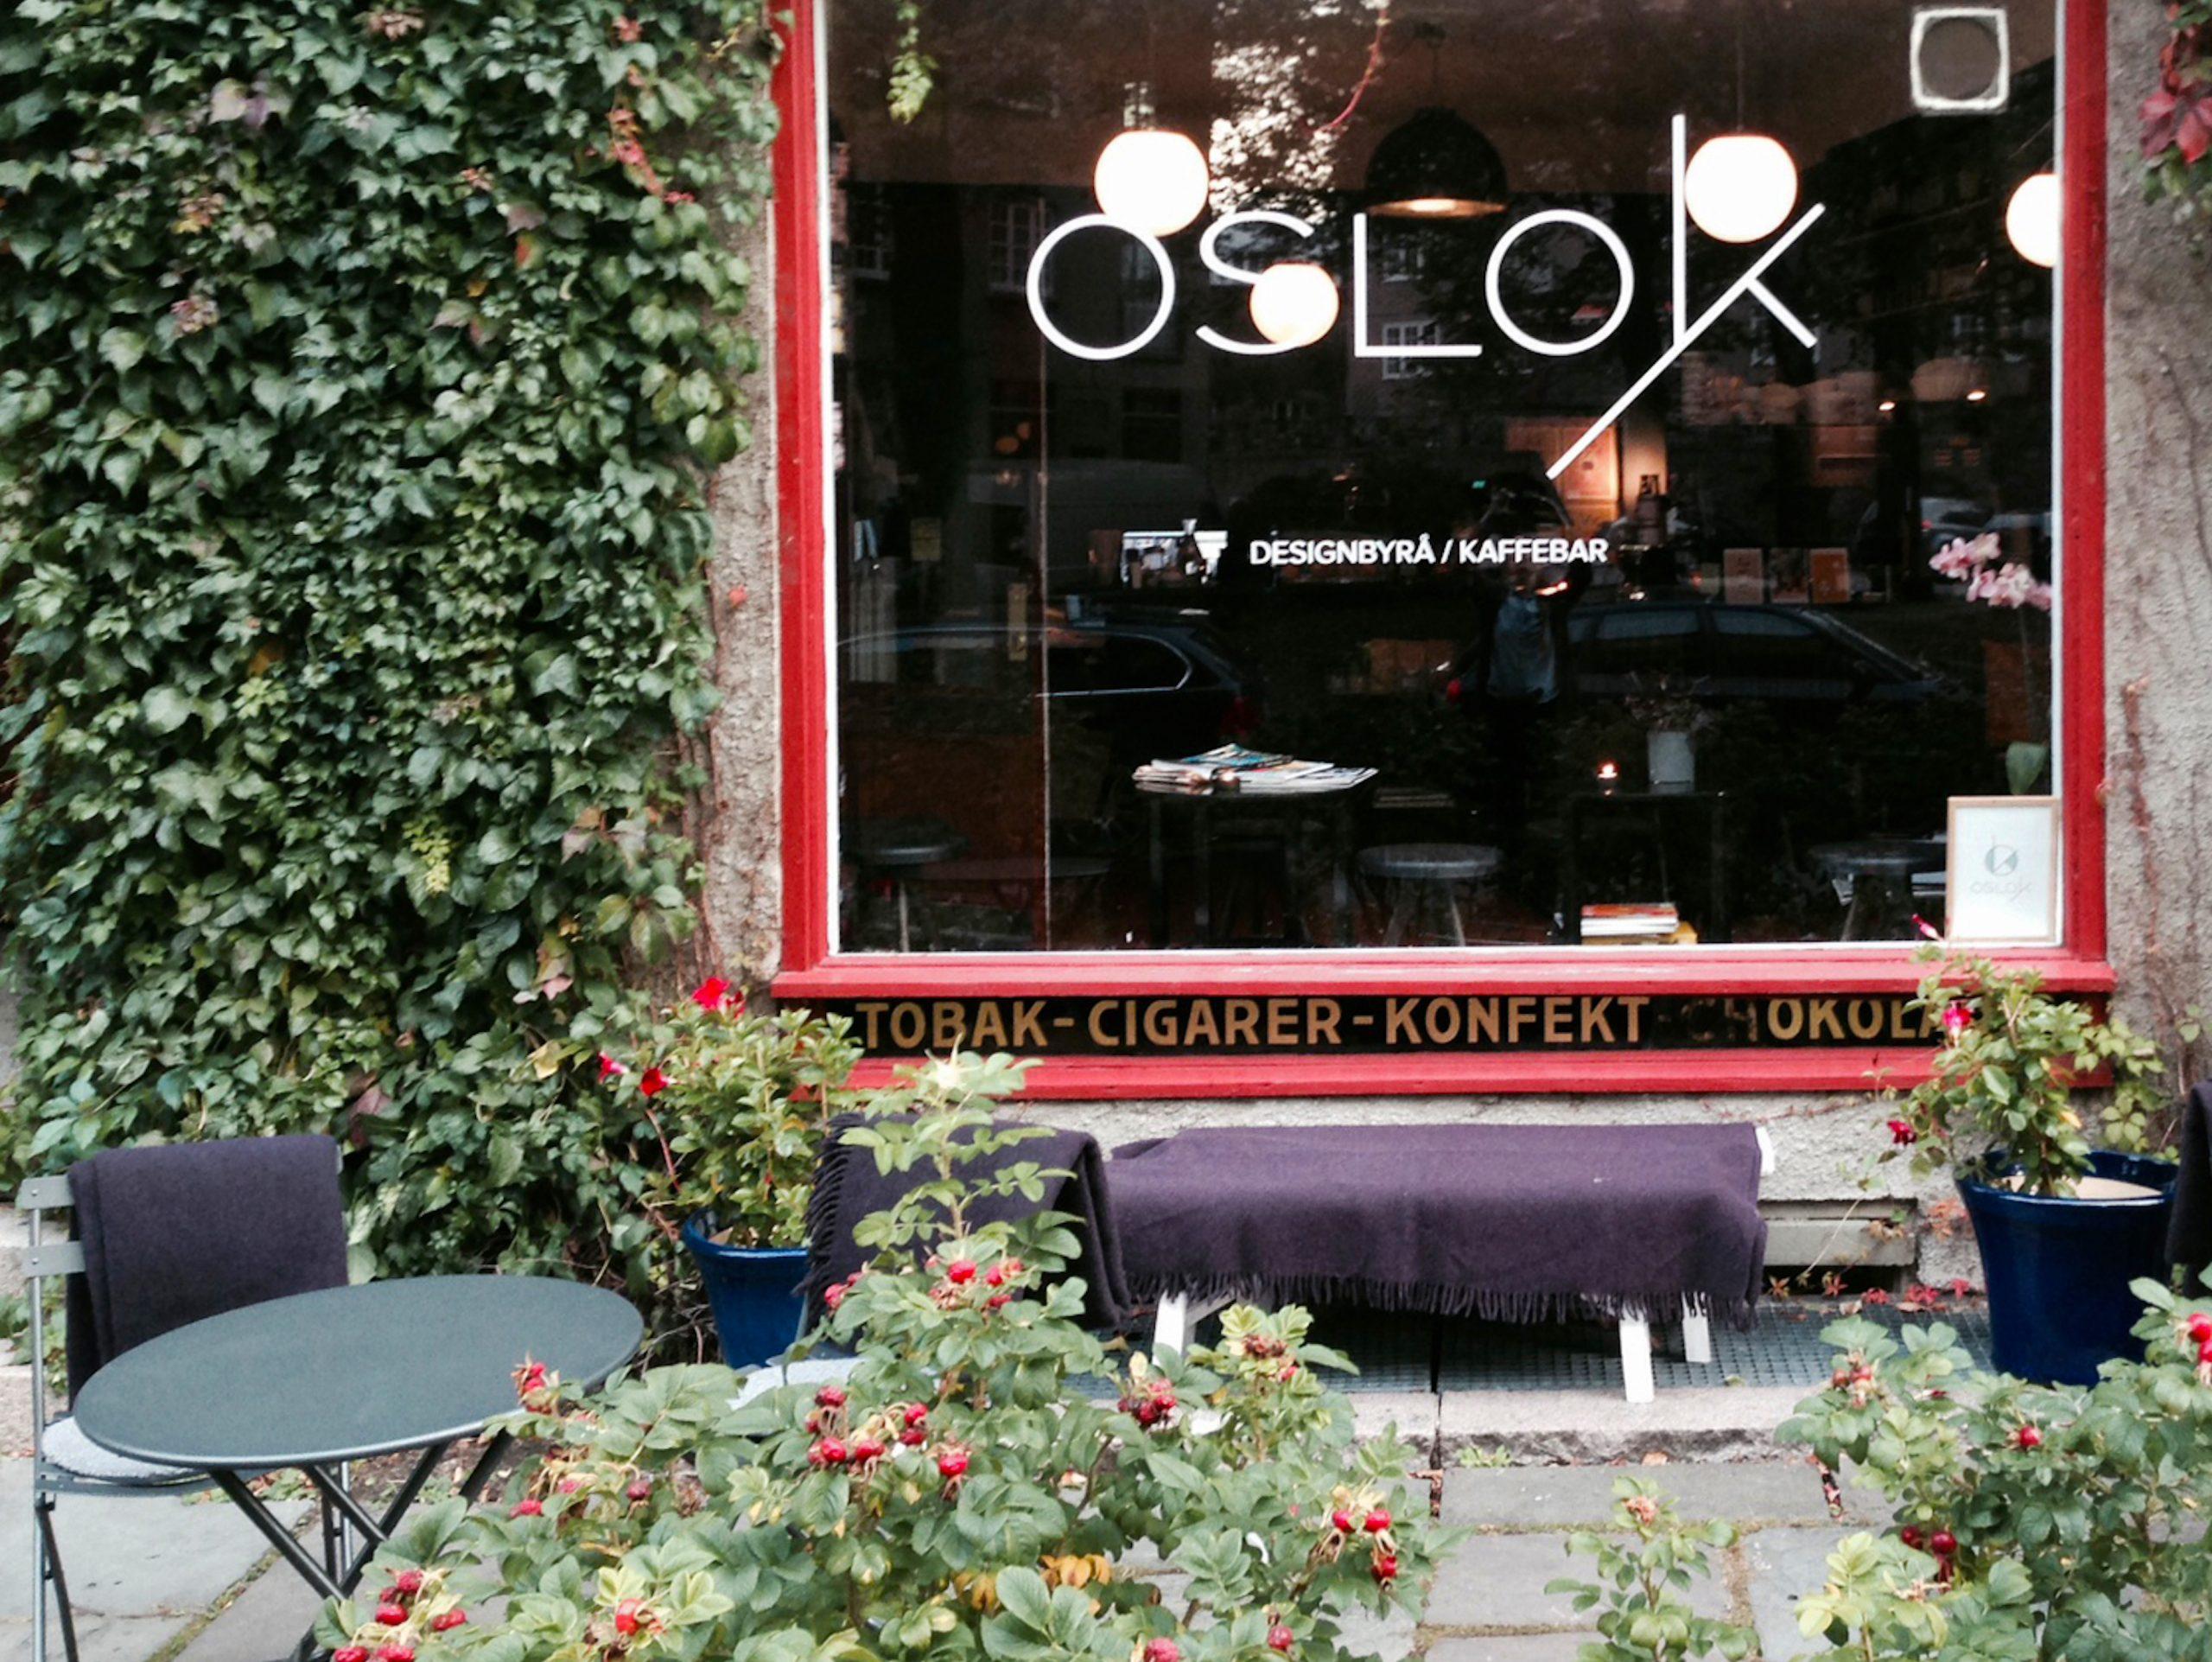 Inngangen til kafeen Oslo K.